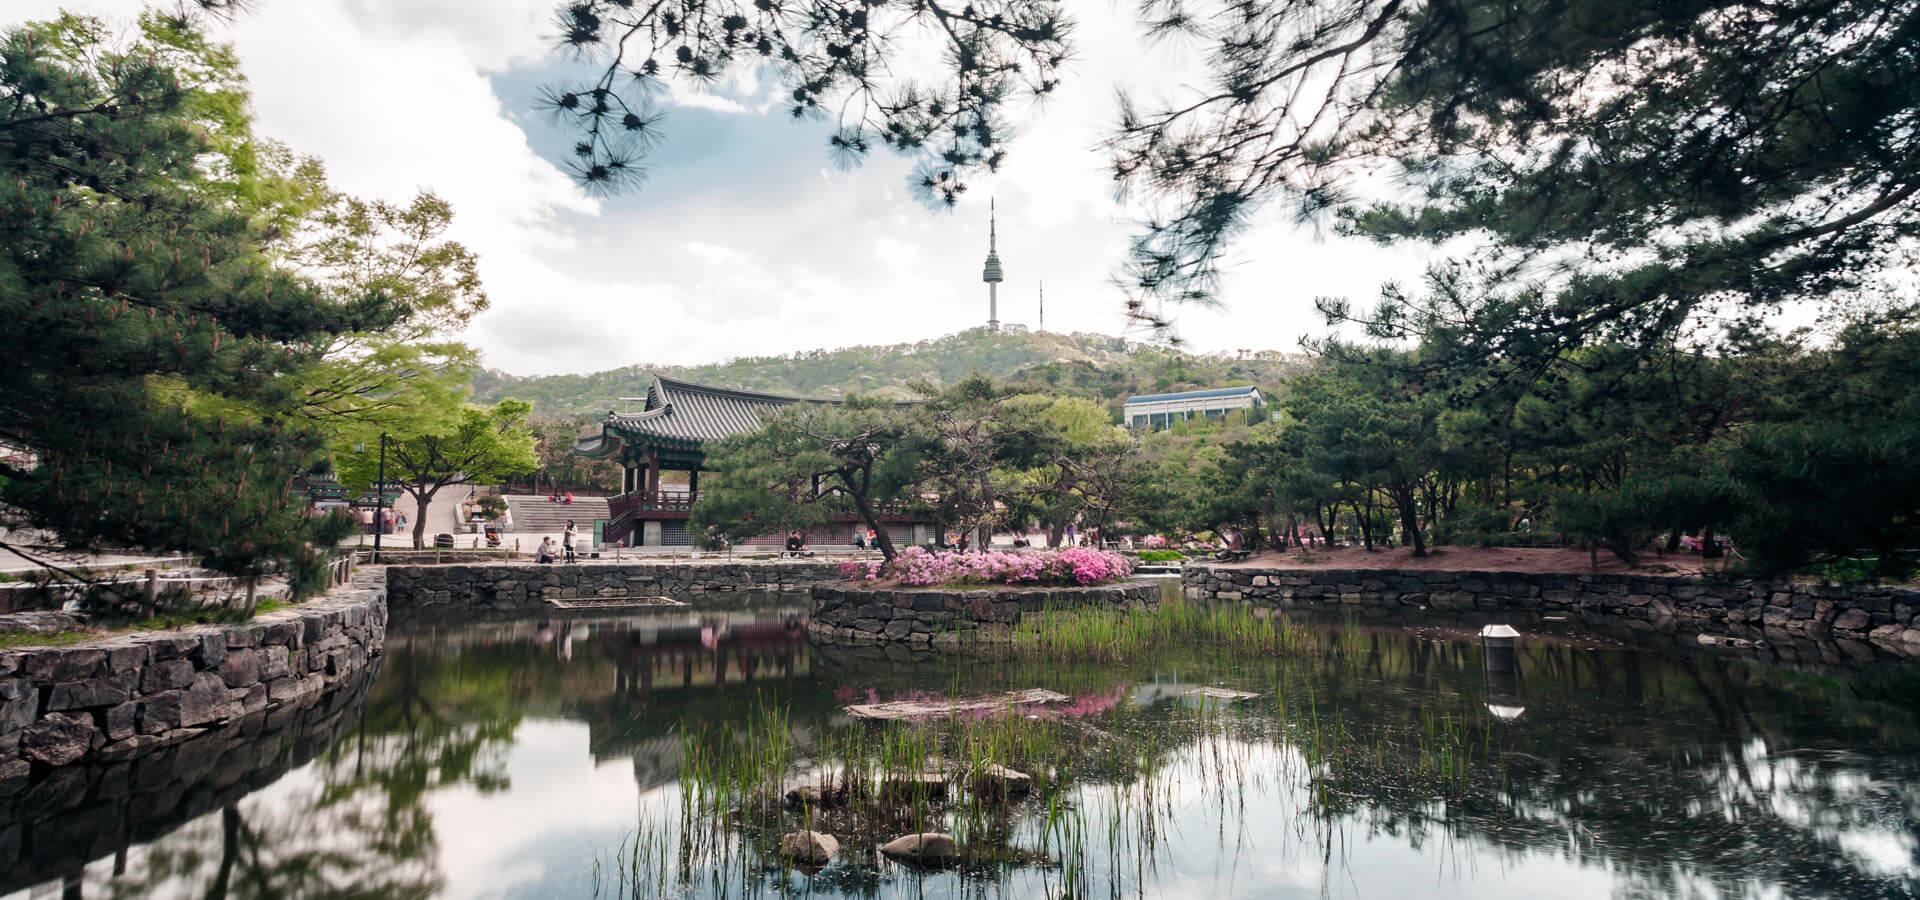 seoul-namsan-village-spring